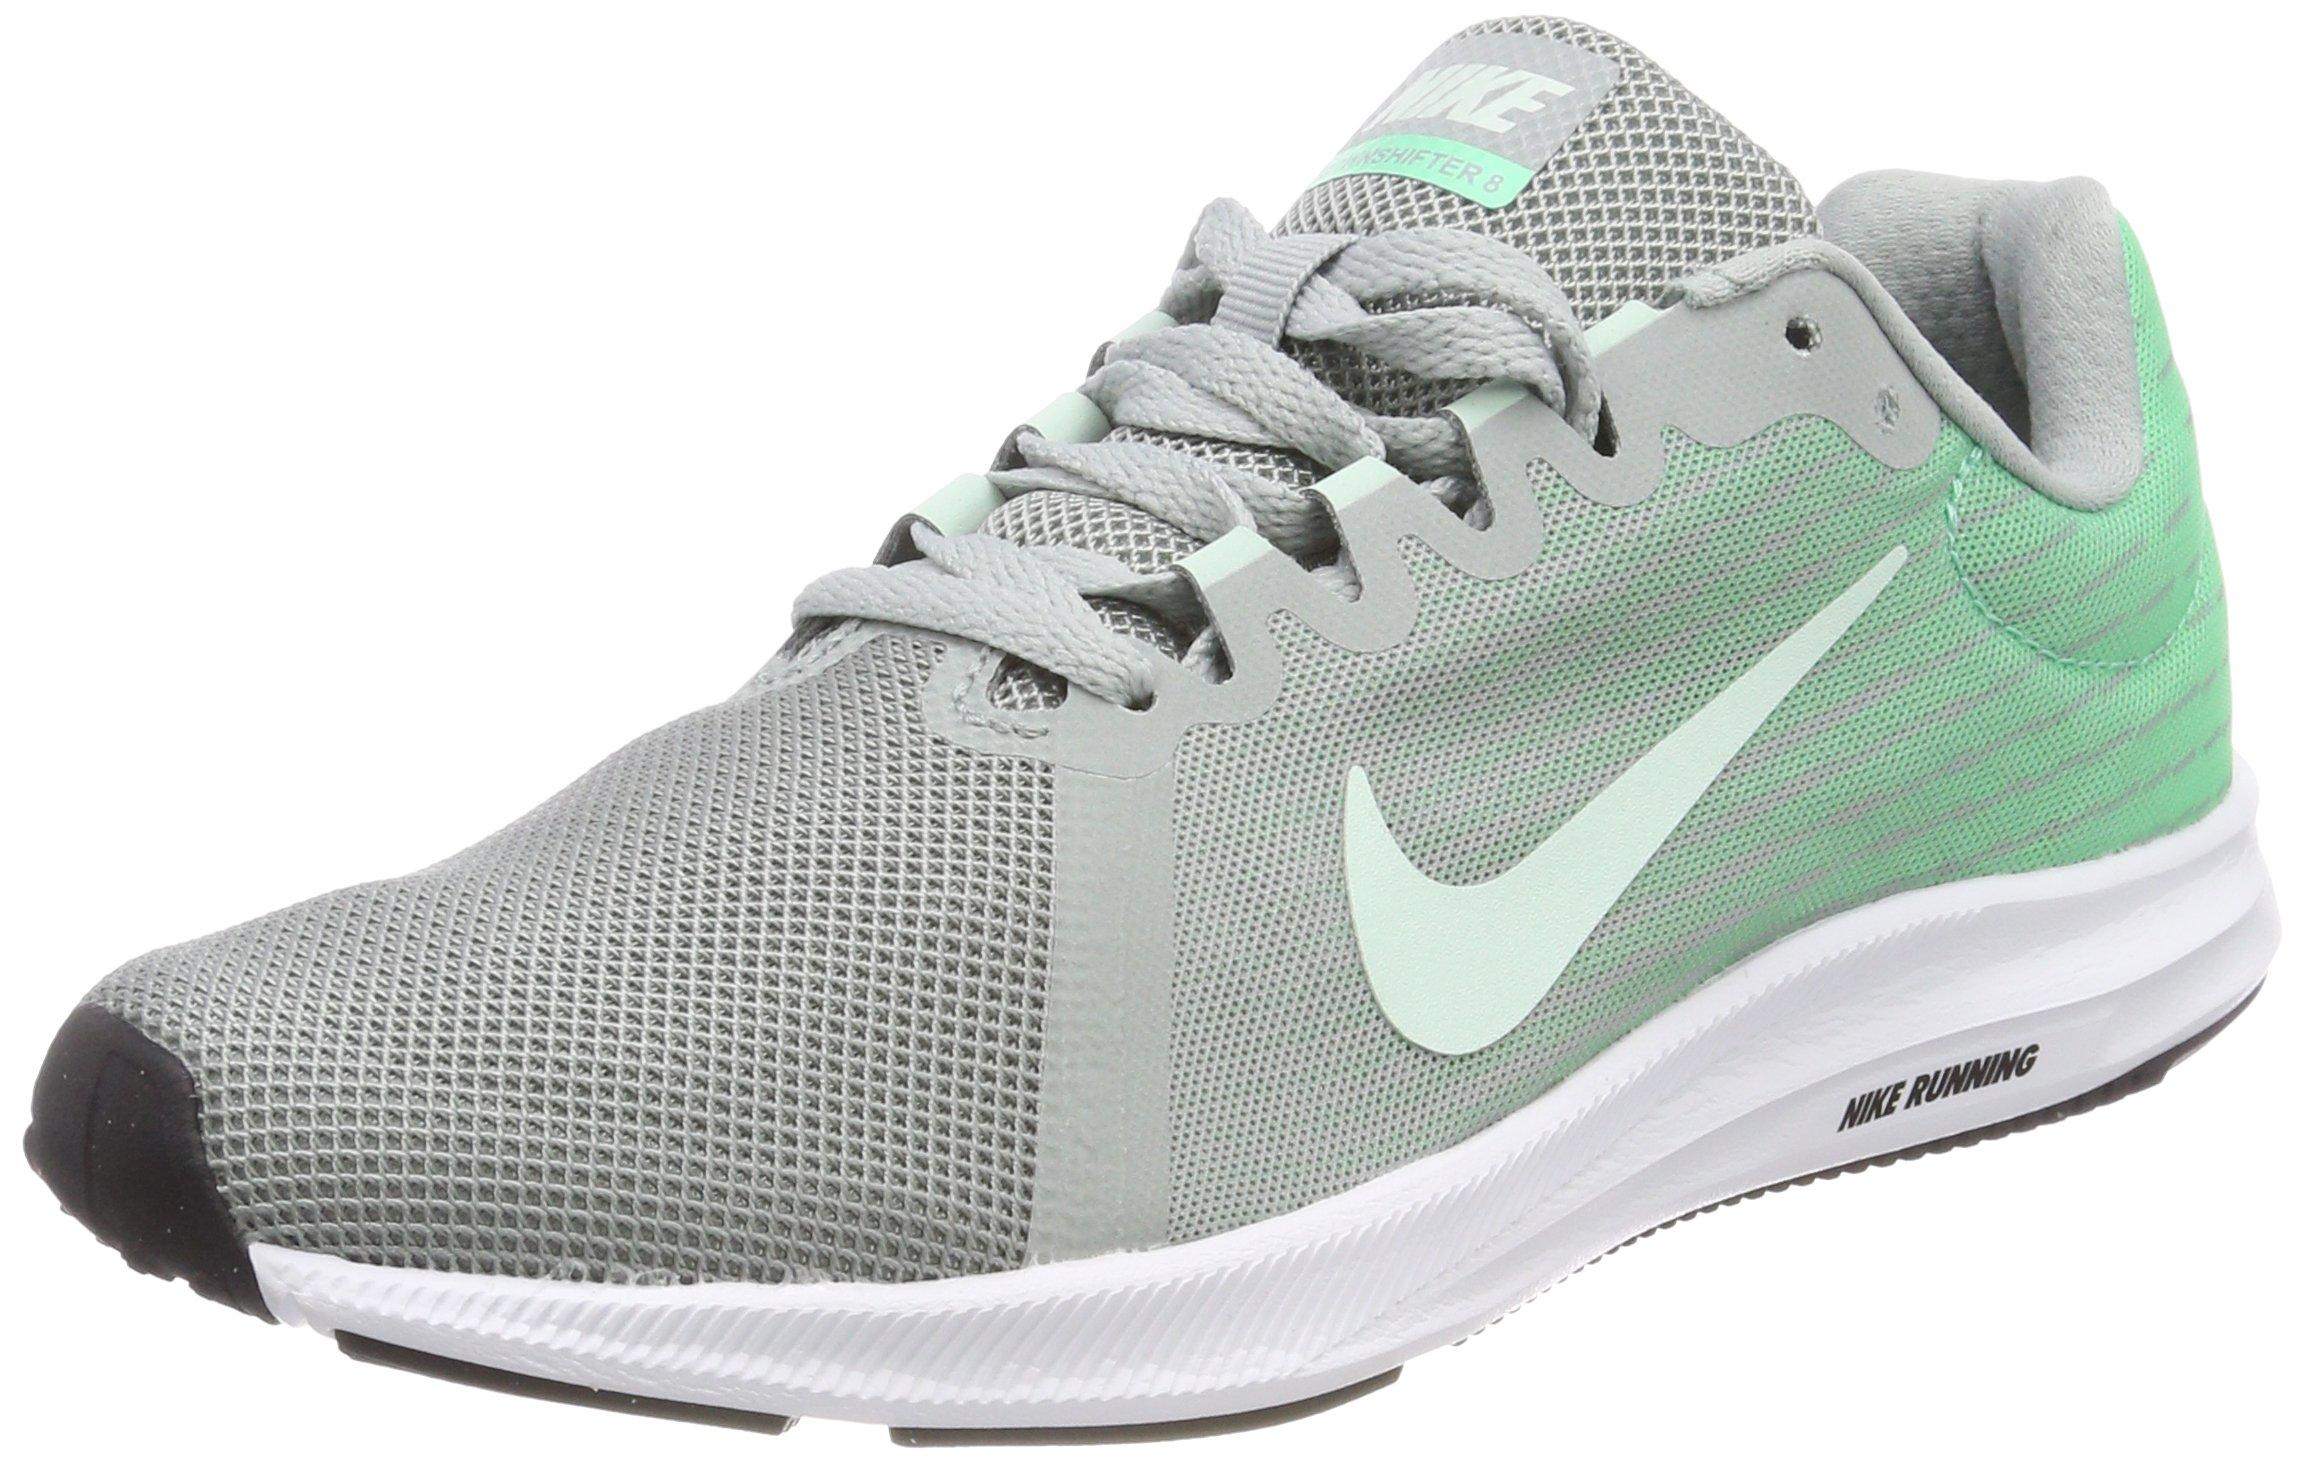 35554116fa8c7 Nike Women's Downshifter 8 Running Shoe Light Pumice/Igloo/Green Glow/White  Size 9 M US